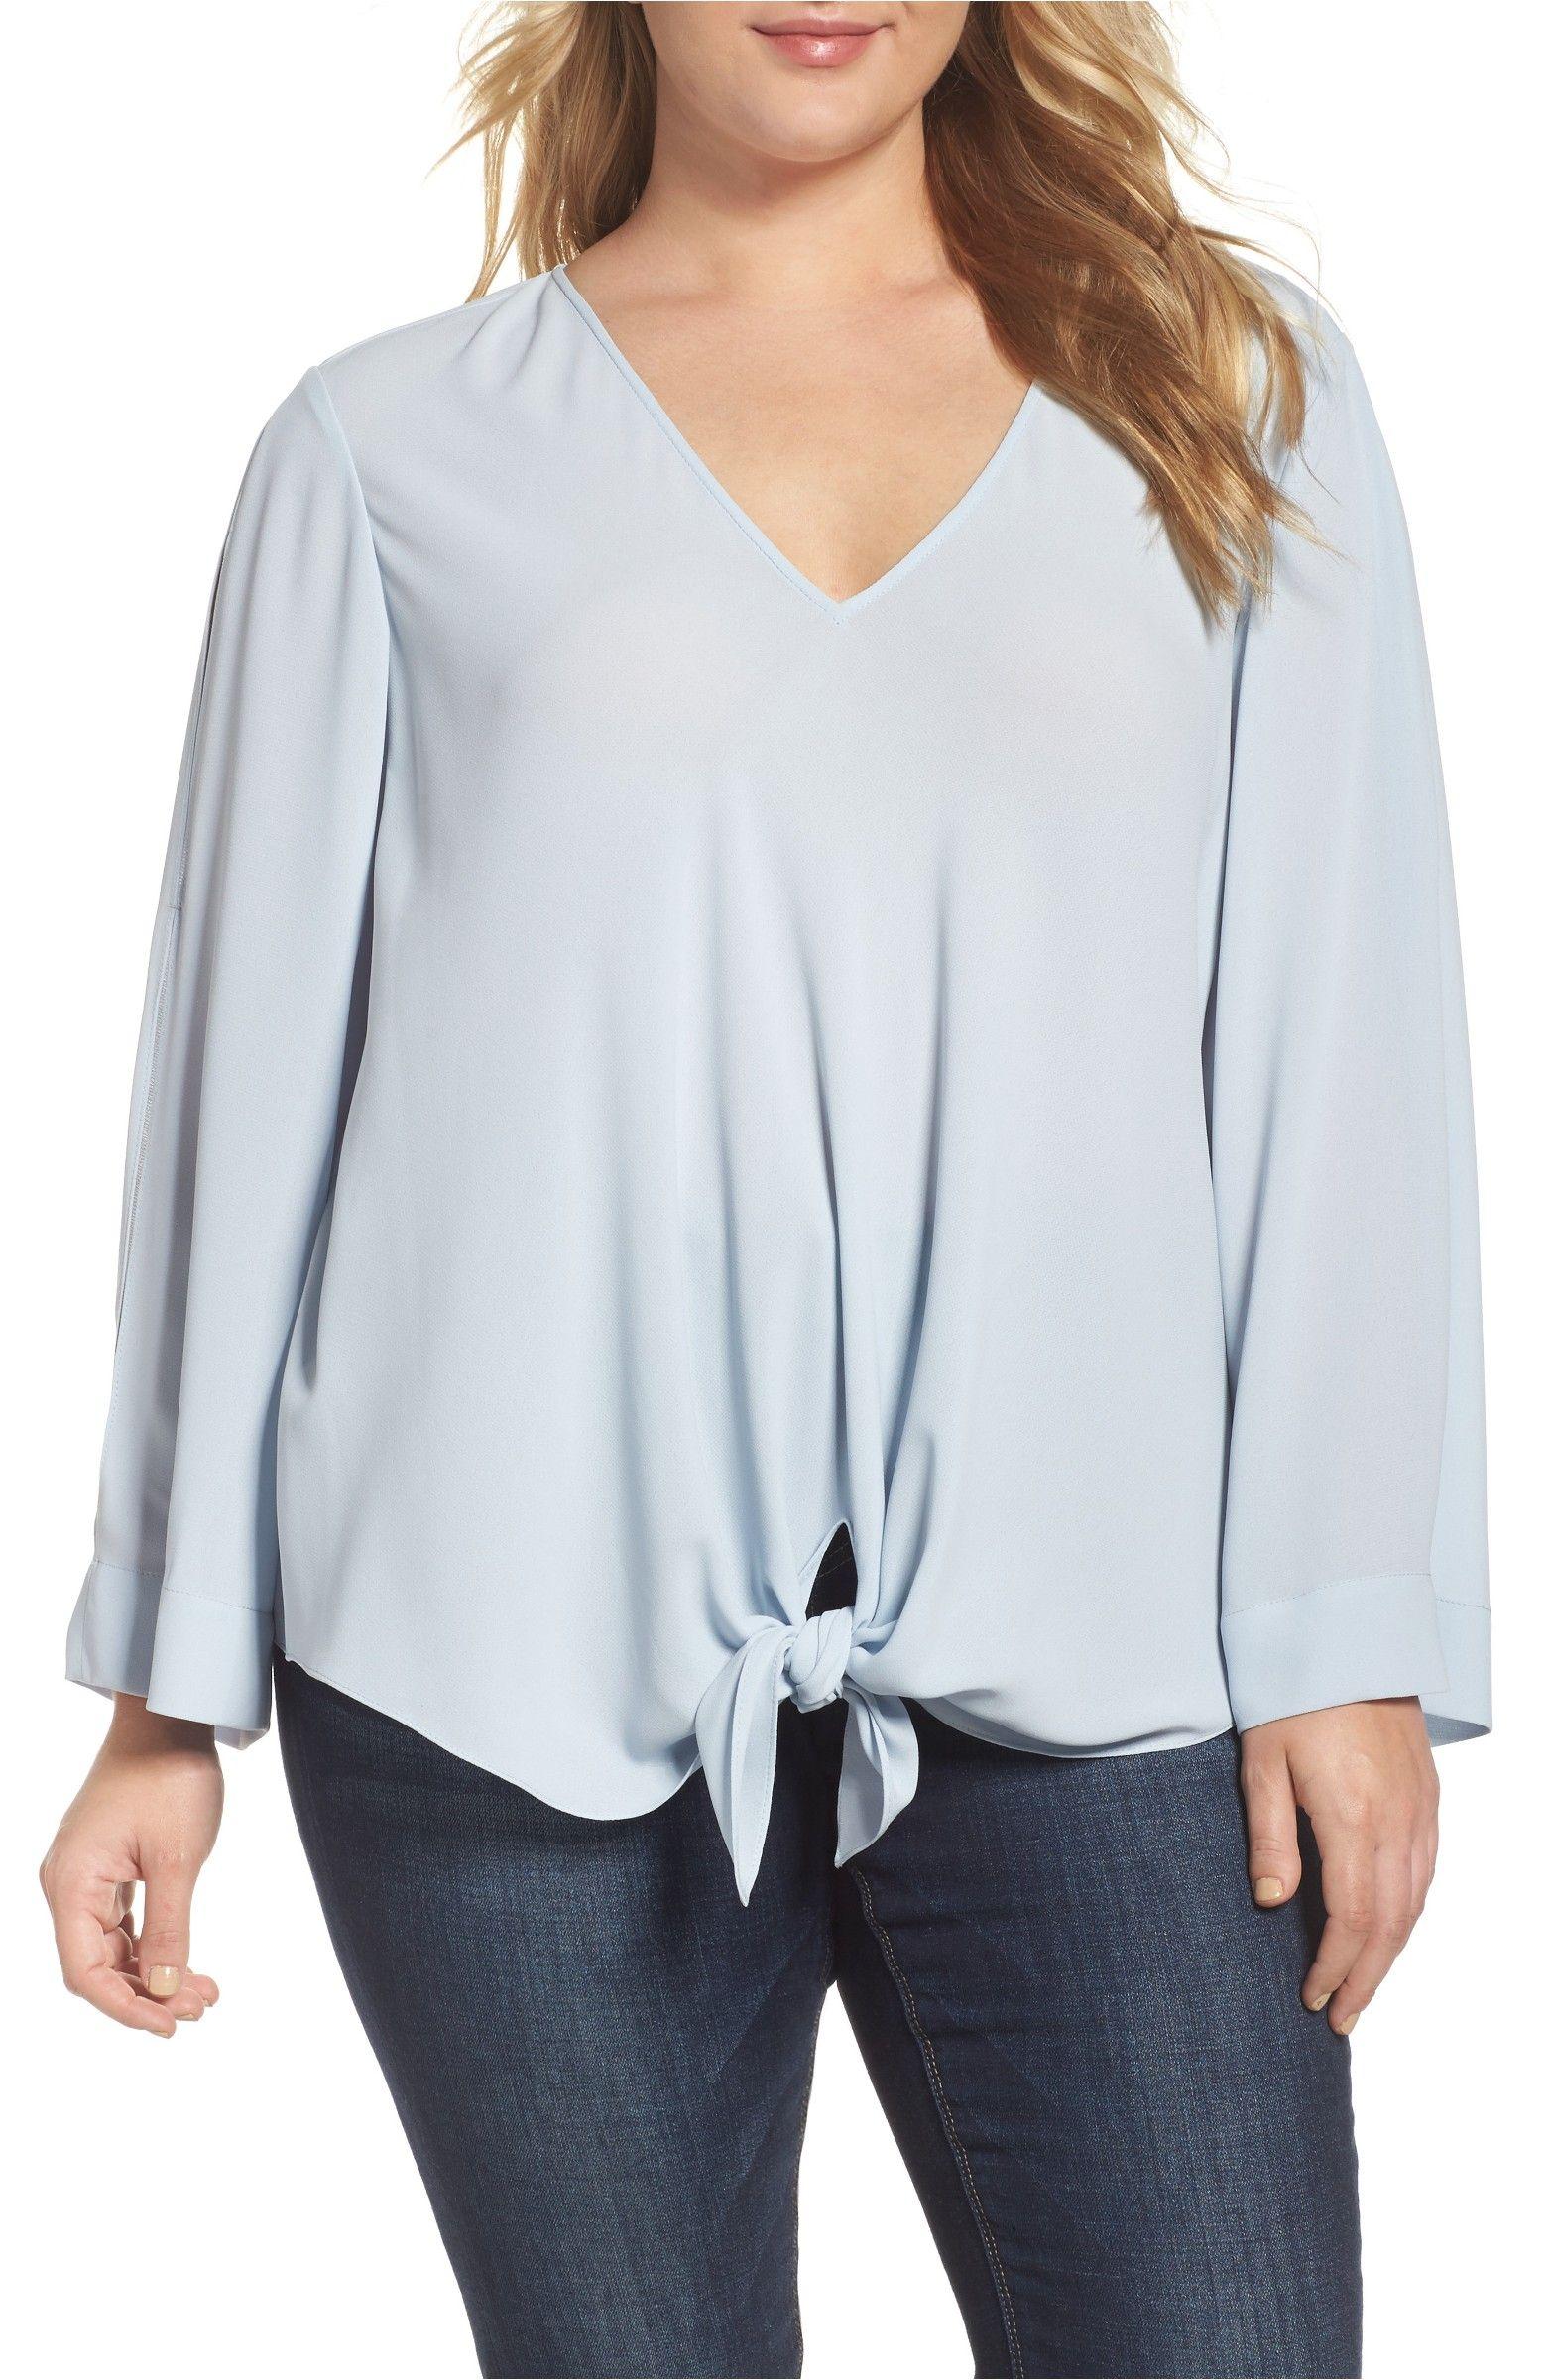 065489099bdb9 Main Image - RACHEL Rachel Roy Tie Front Blouse (Plus Size)